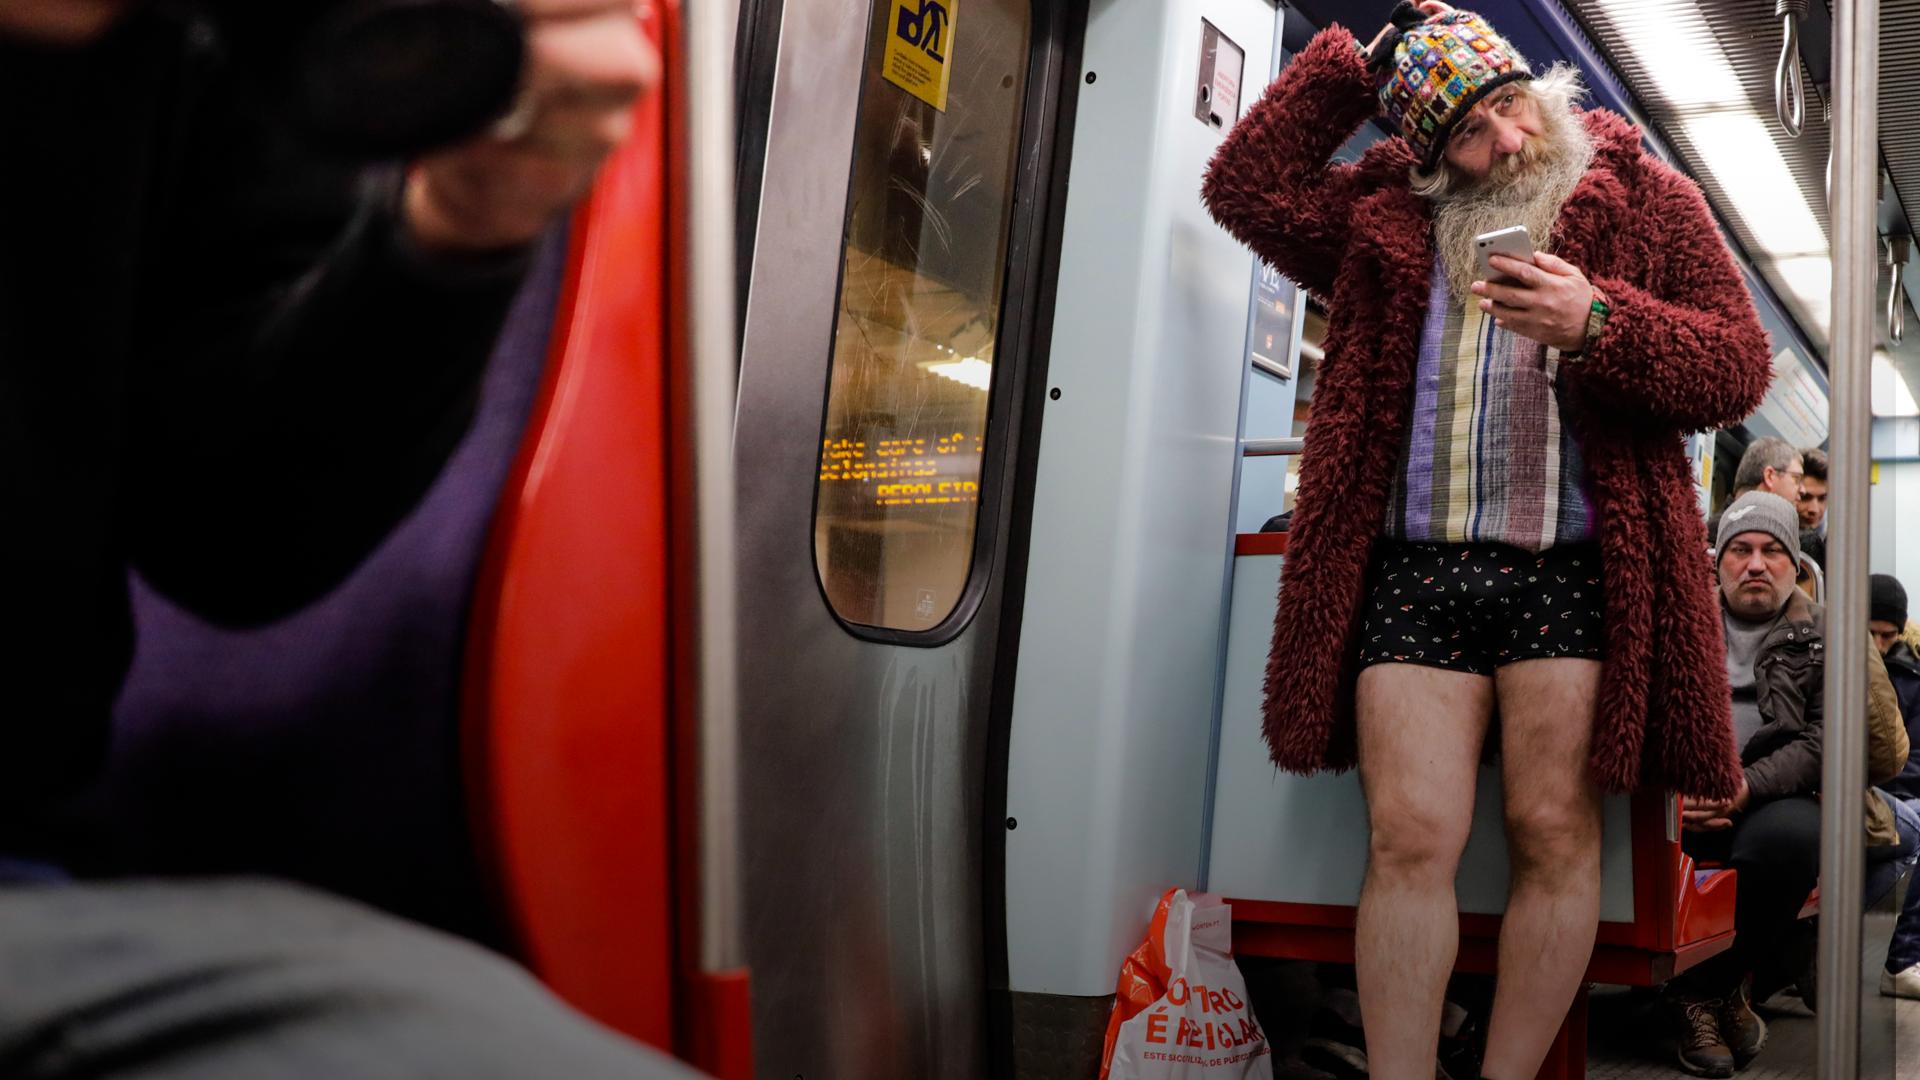 Hoje foi um dia especial: pudemos andar sem calças no metro de Lisboa